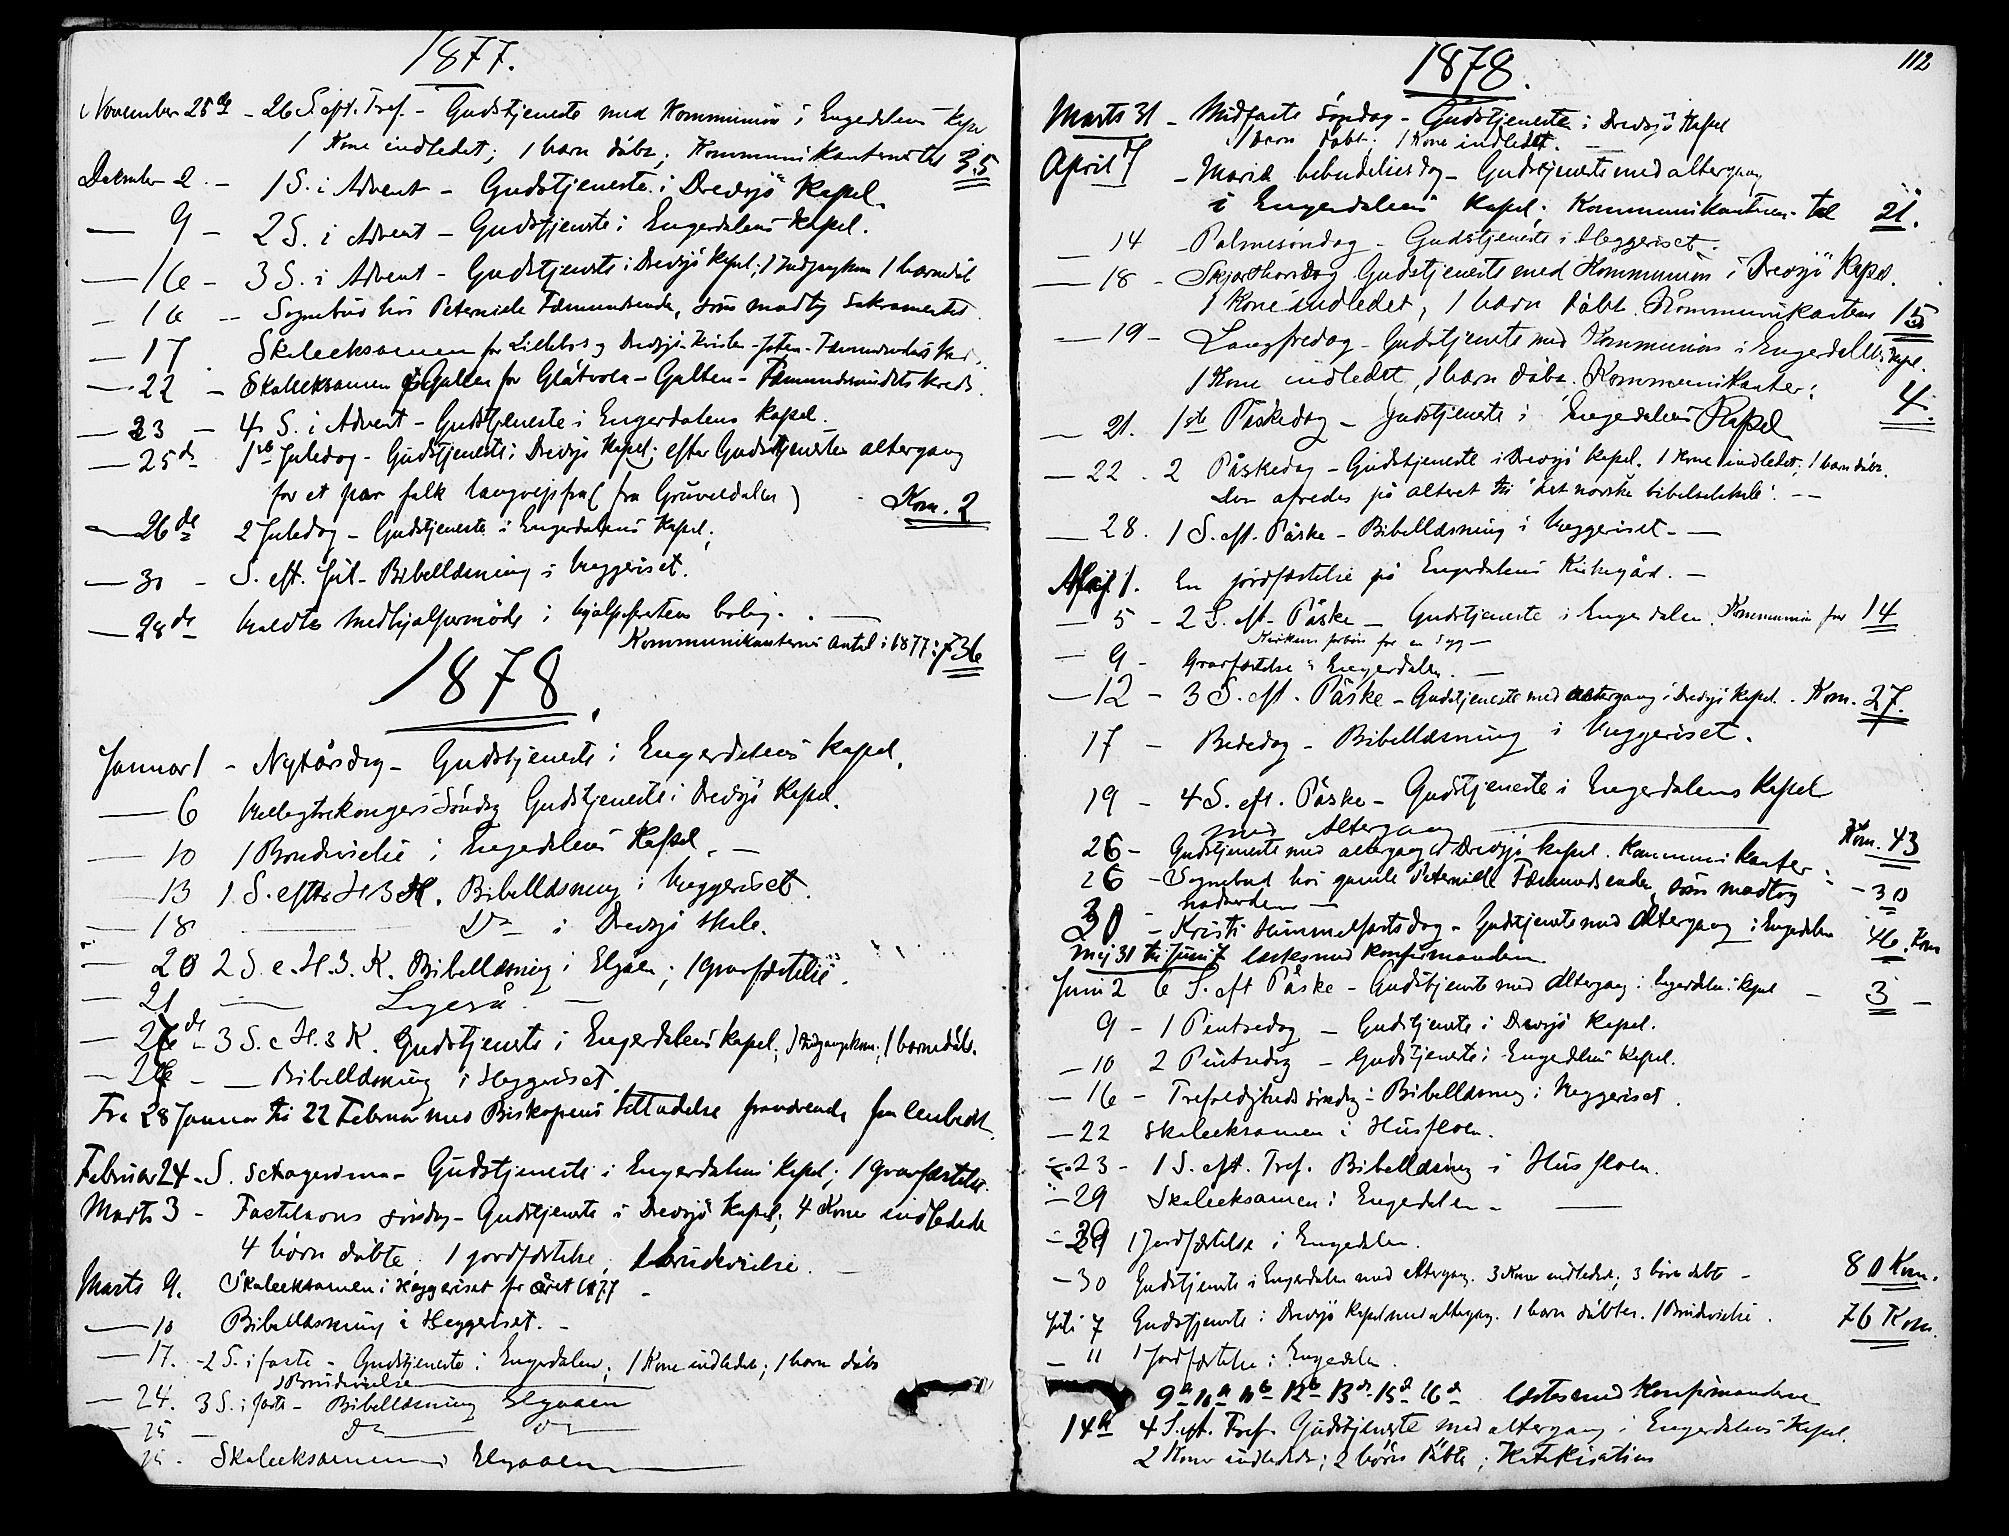 SAH, Rendalen prestekontor, H/Ha/Hab/L0002: Klokkerbok nr. 2, 1858-1880, s. 112